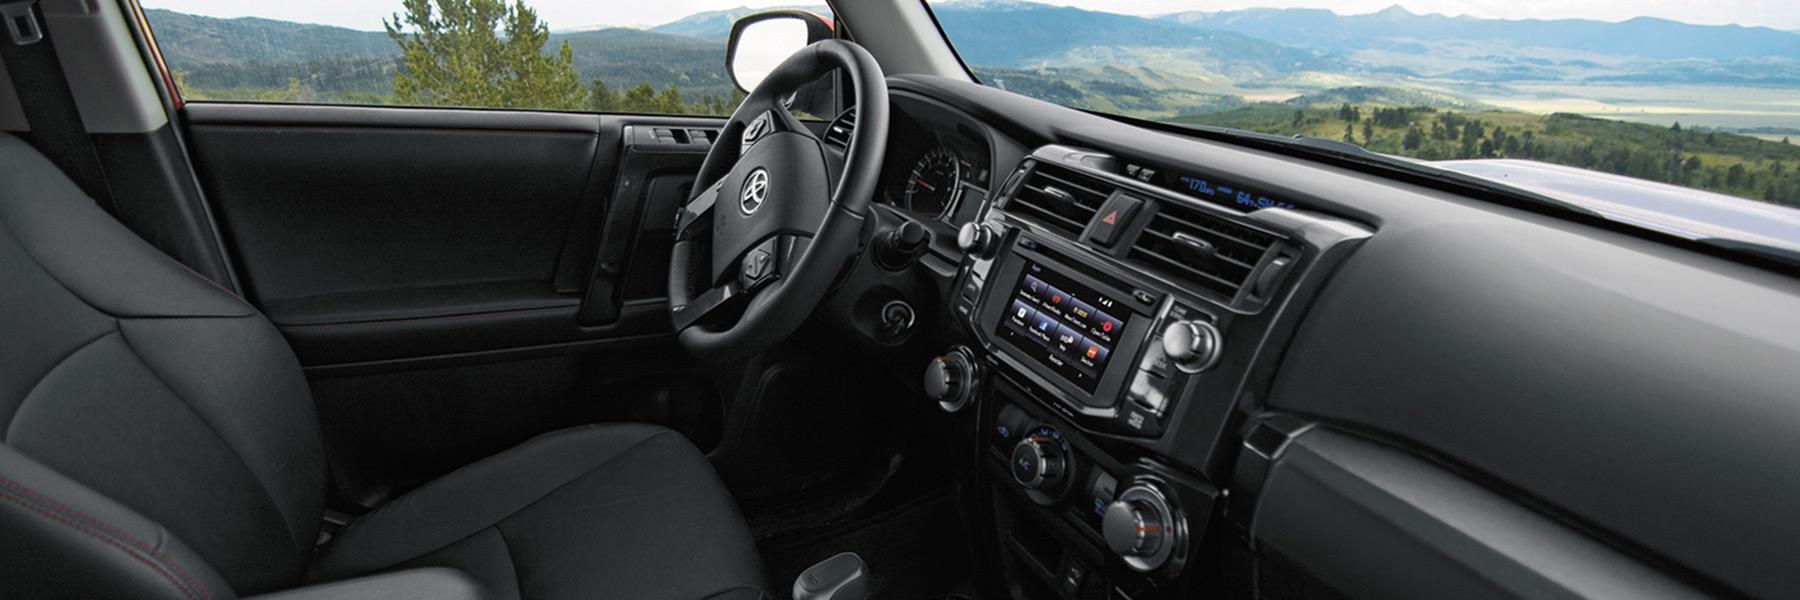 4runner-interior